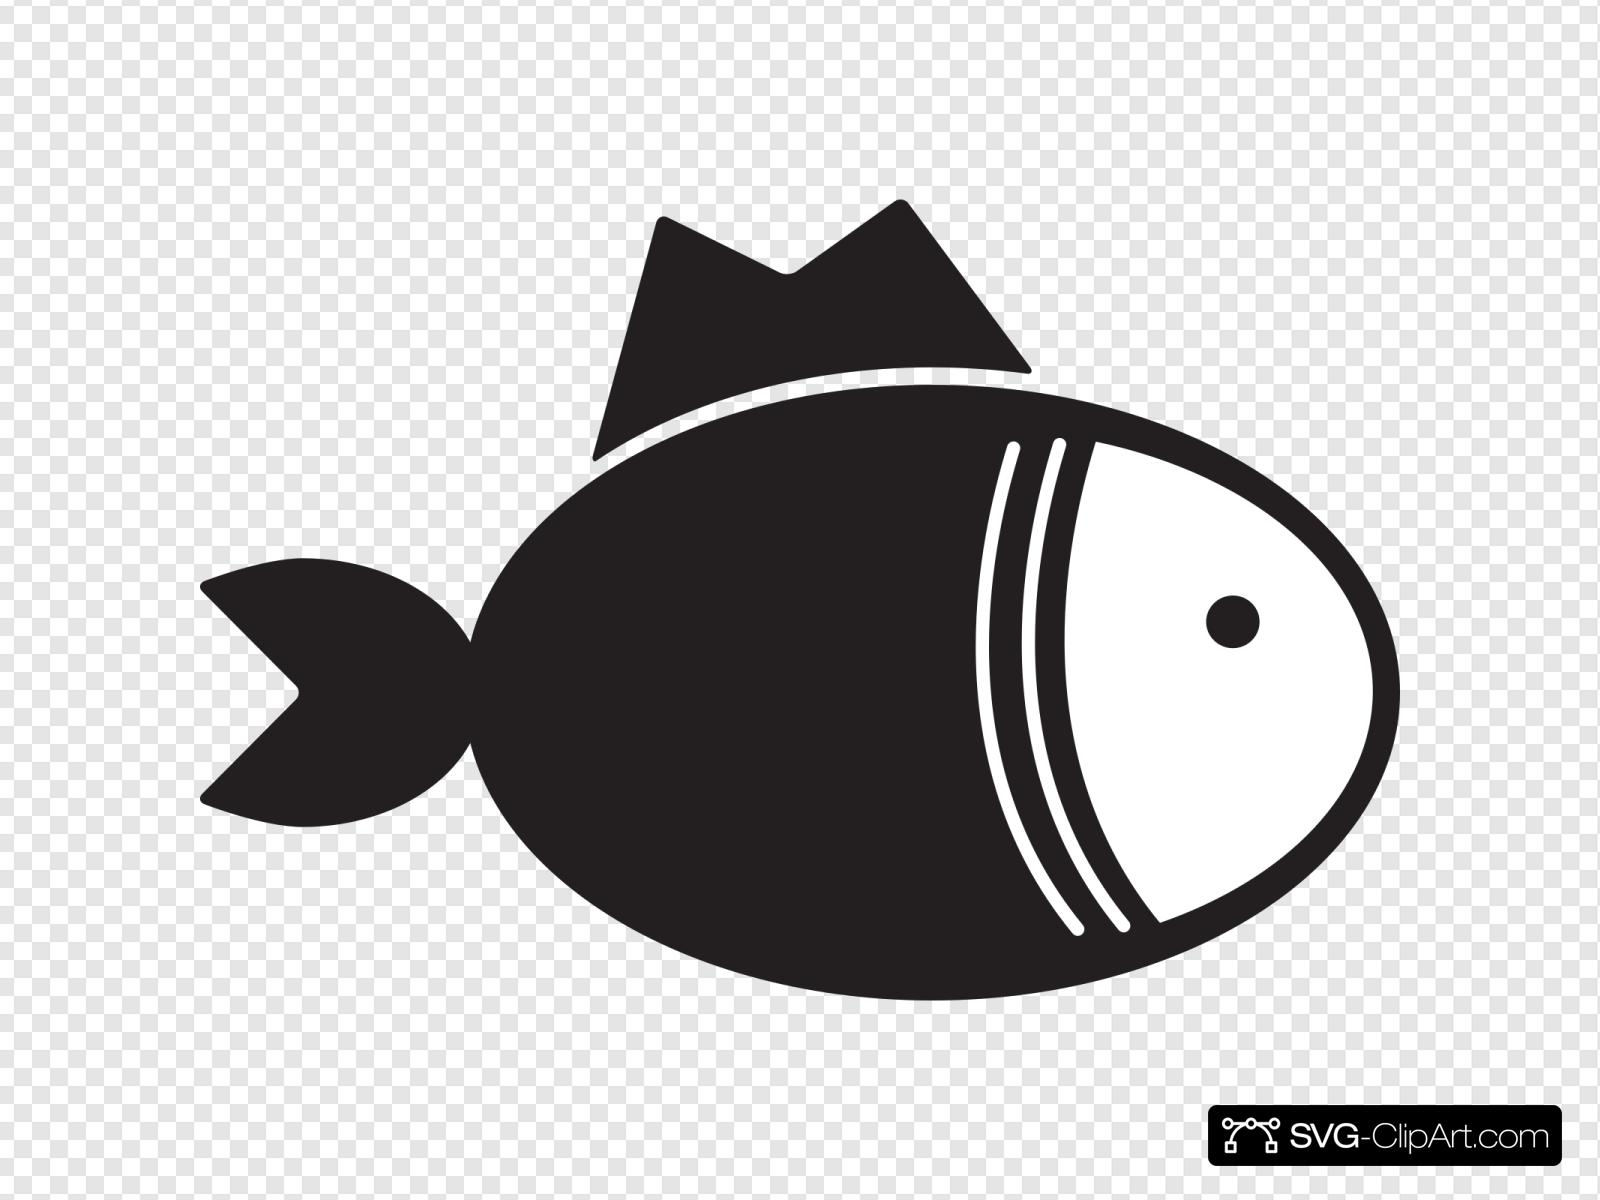 Download Fish Svg Vector Fish Clip Art Svg Clipart